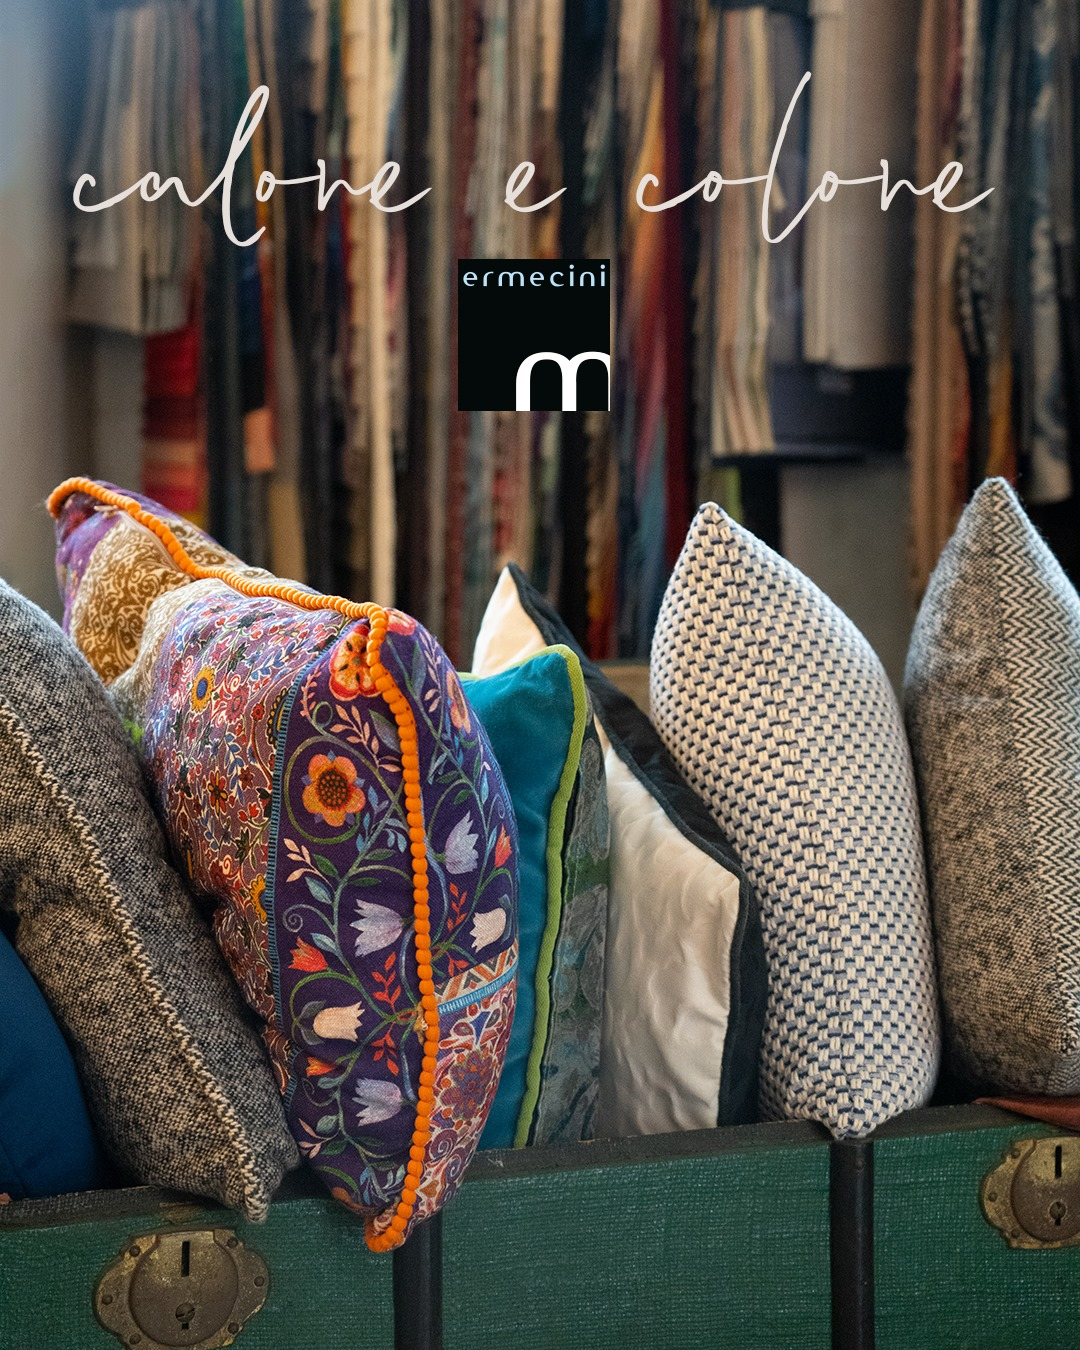 Calore e colore insieme nei nostri bellissimi cuscini Tessuti di xxohfadebabcdafdoeF